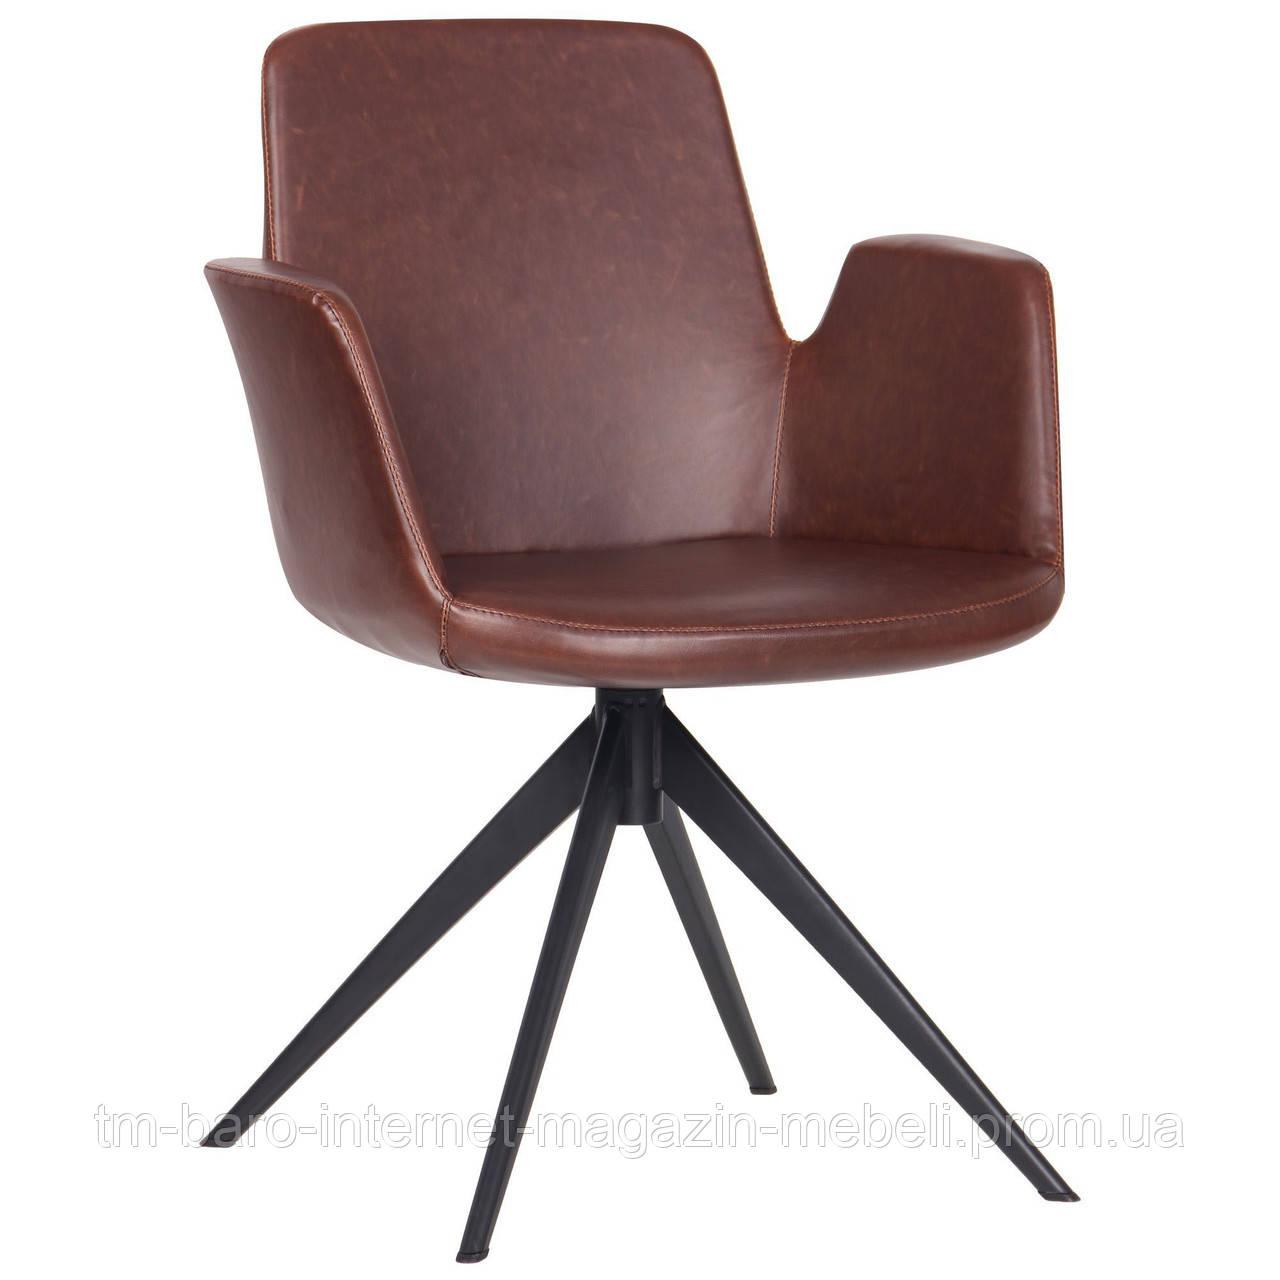 Кресло Bowie chestnut (Бовие), коричневый, Бесплатная доставка